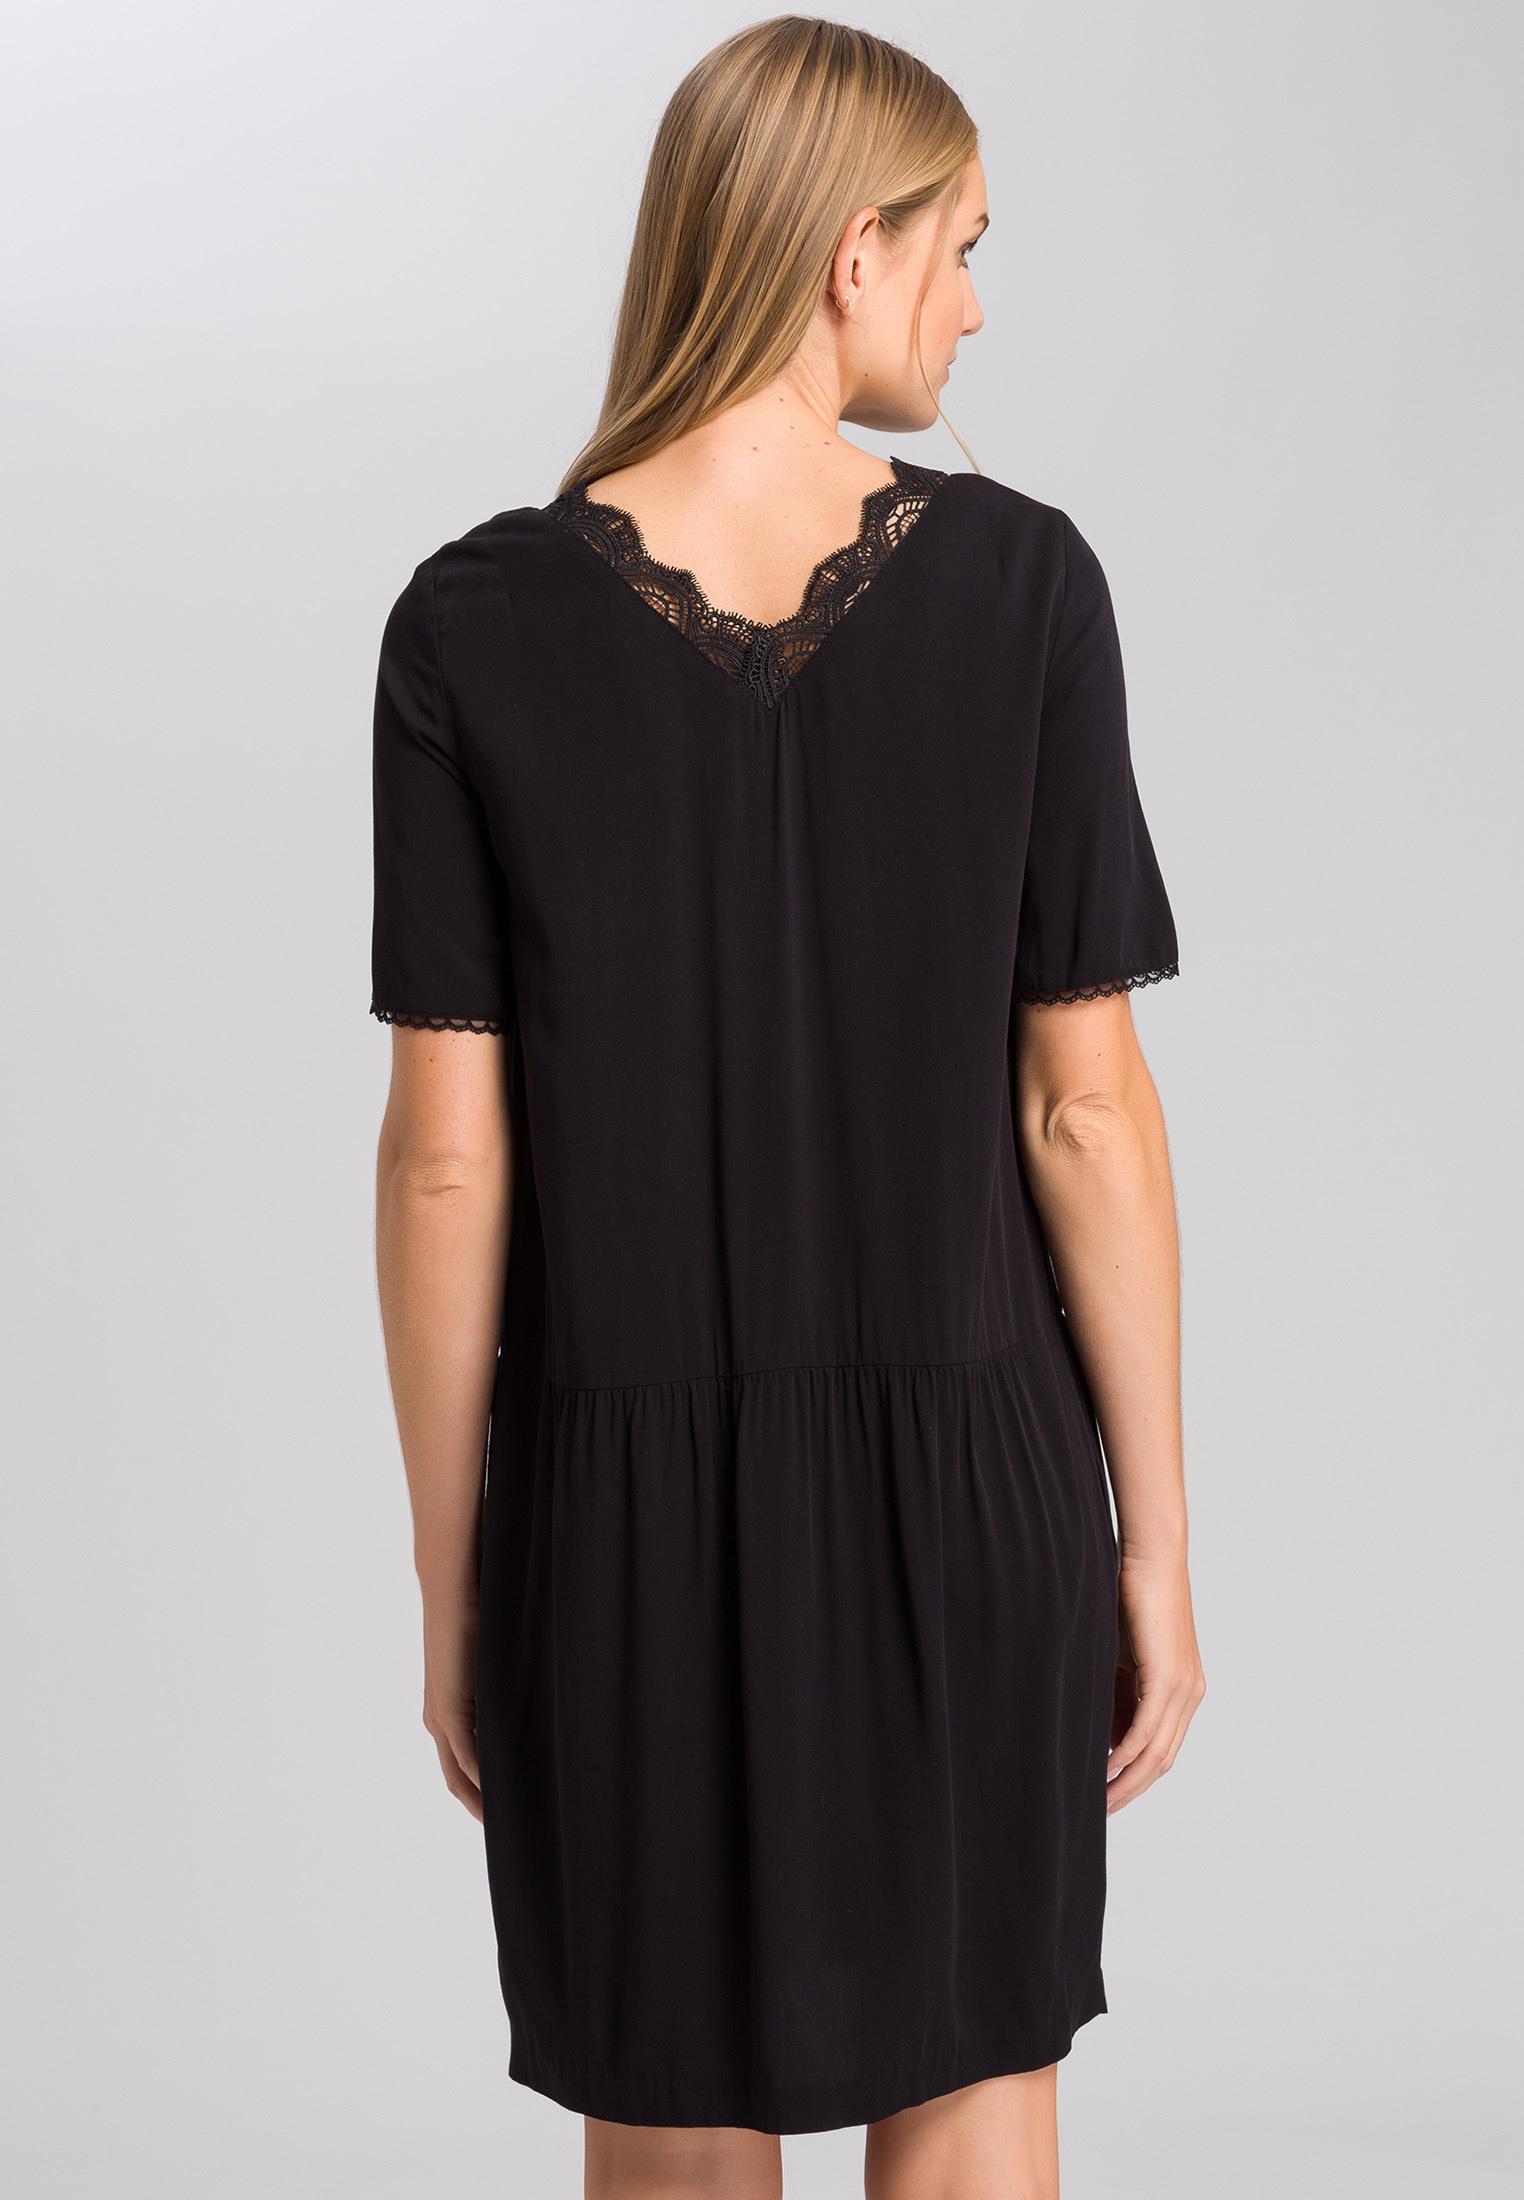 Kleid Mit Spitzenausschnitt  Kleider  Röcke  Fashion